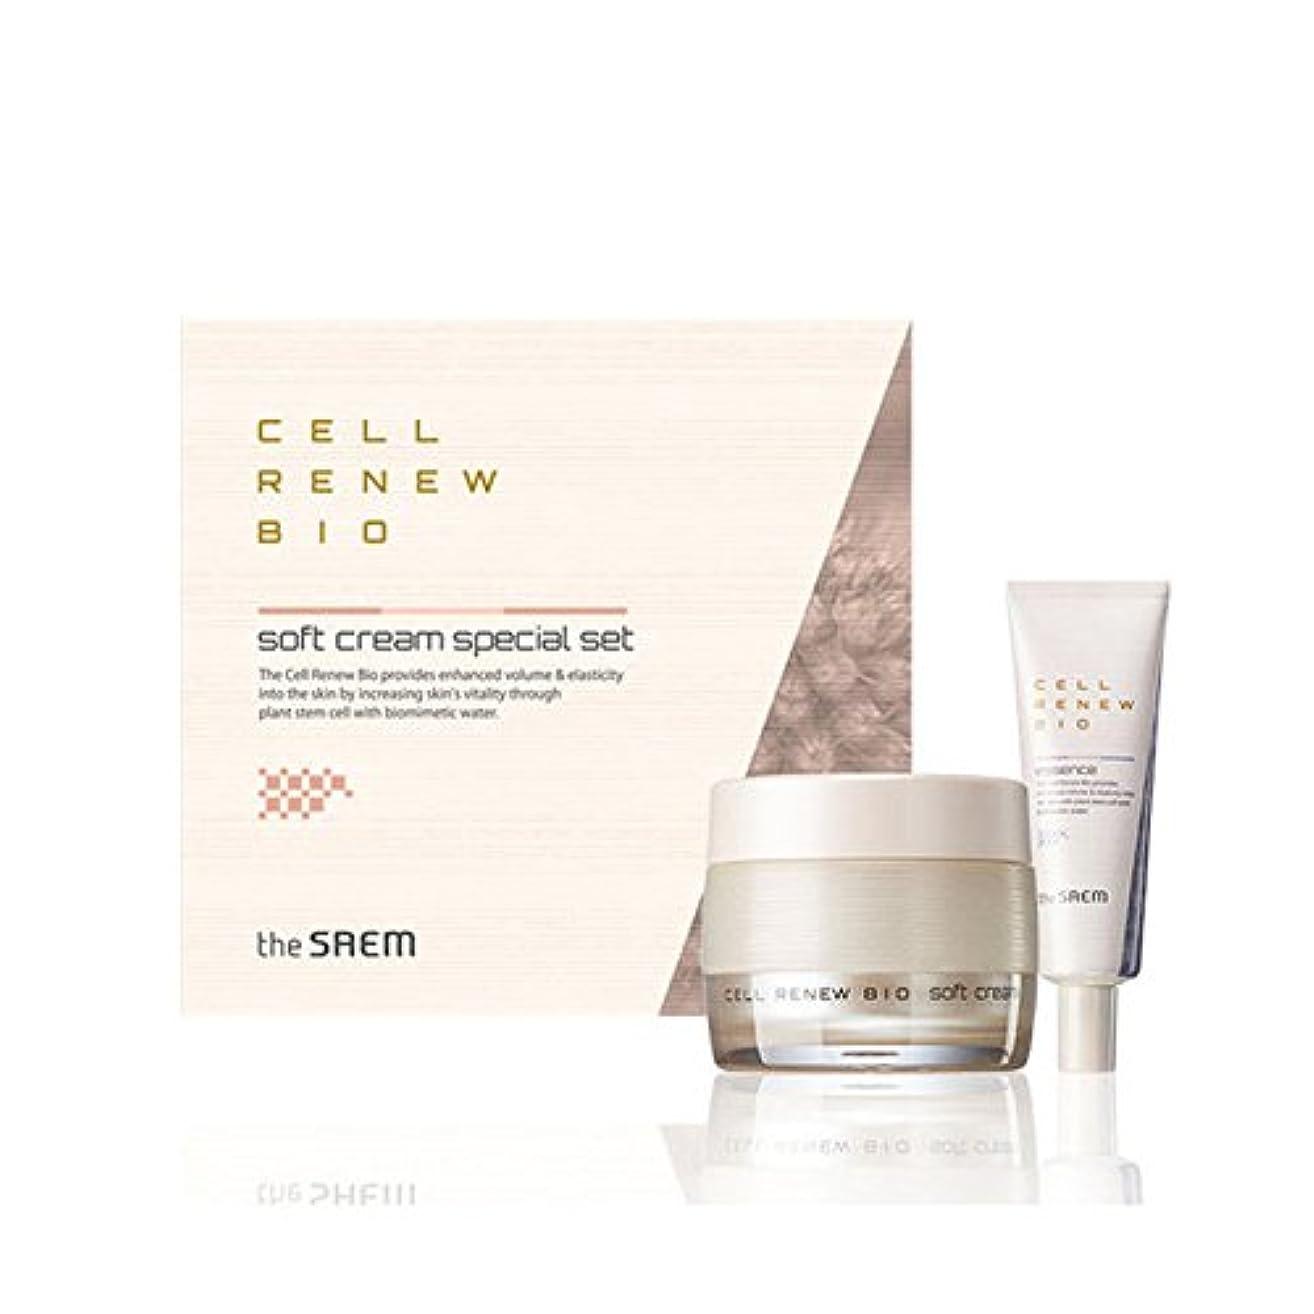 夏快適どう?[ザセム] The Saem セルリニュー バイオ クリーム スペシャルセット Cell Renew Bio Cream Special Set (海外直送品) [並行輸入品]